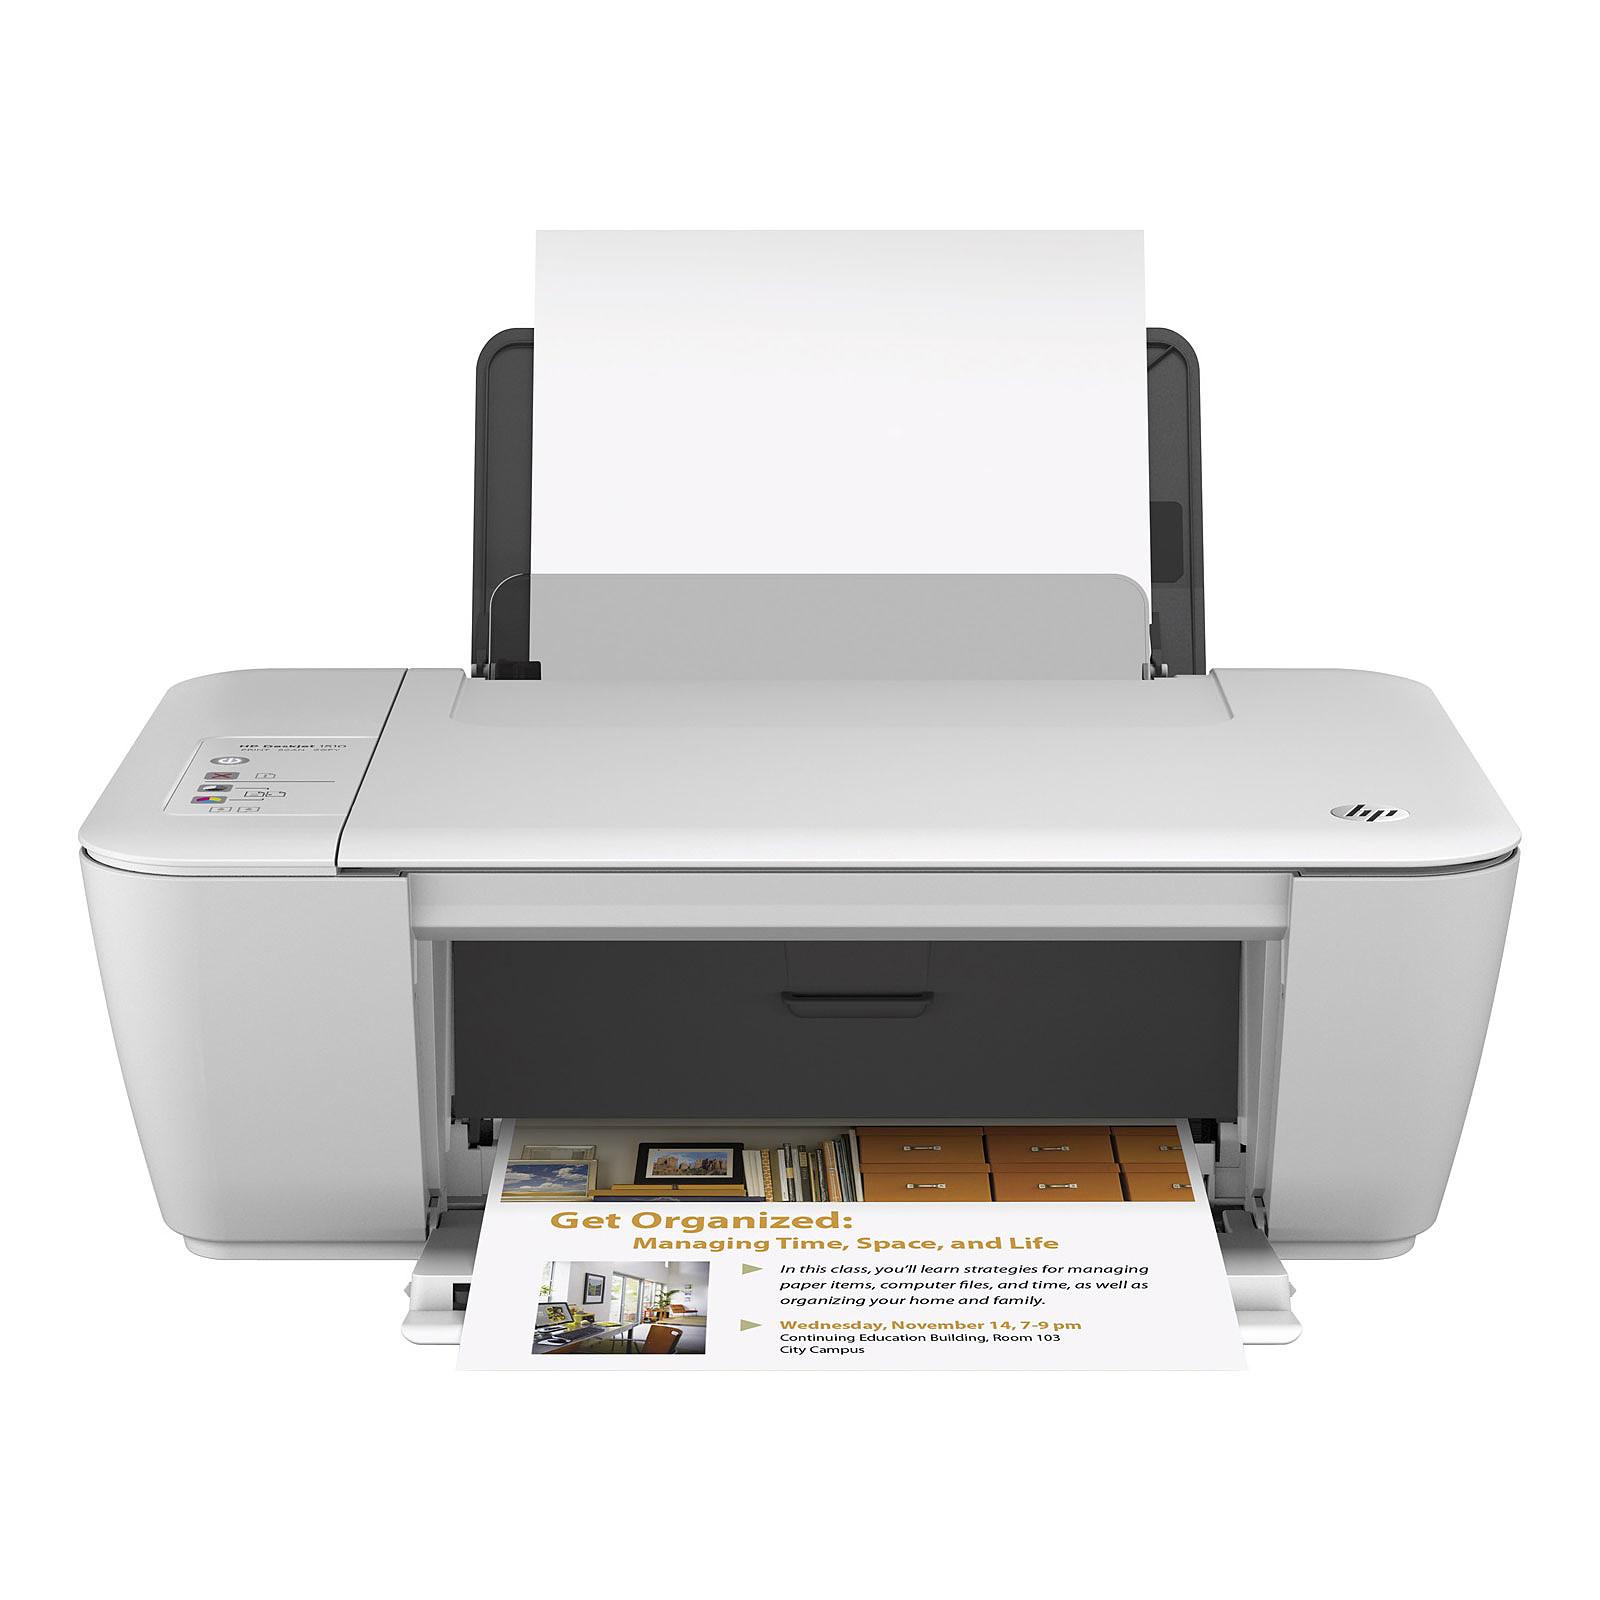 hp deskjet 1510 aio imprimante multifonction hp sur. Black Bedroom Furniture Sets. Home Design Ideas